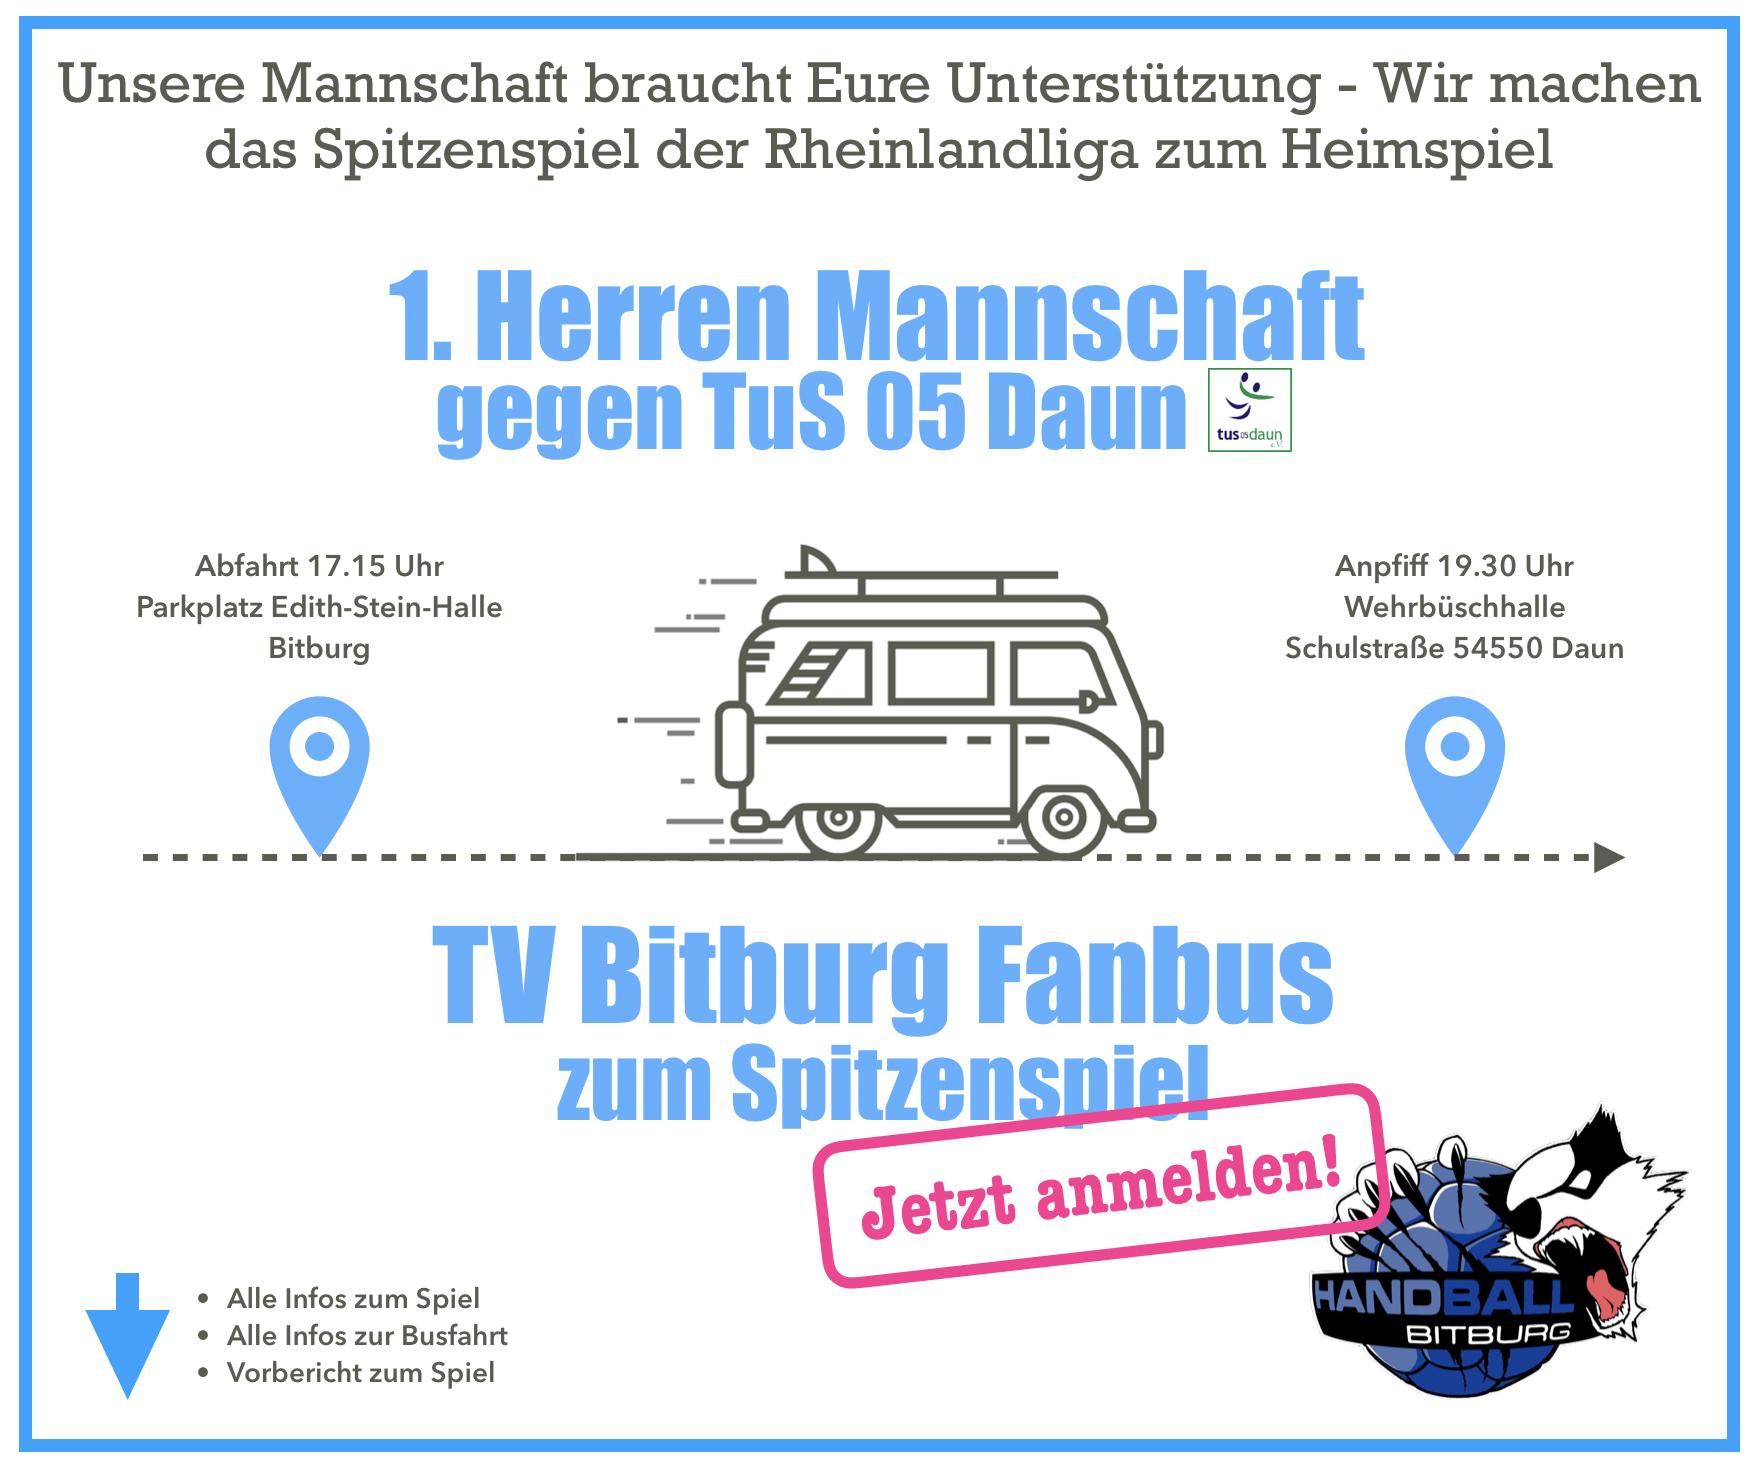 Das Spitzenspiel der Rheinlandliga: 1. Herren gegen TuS 05 Daun!